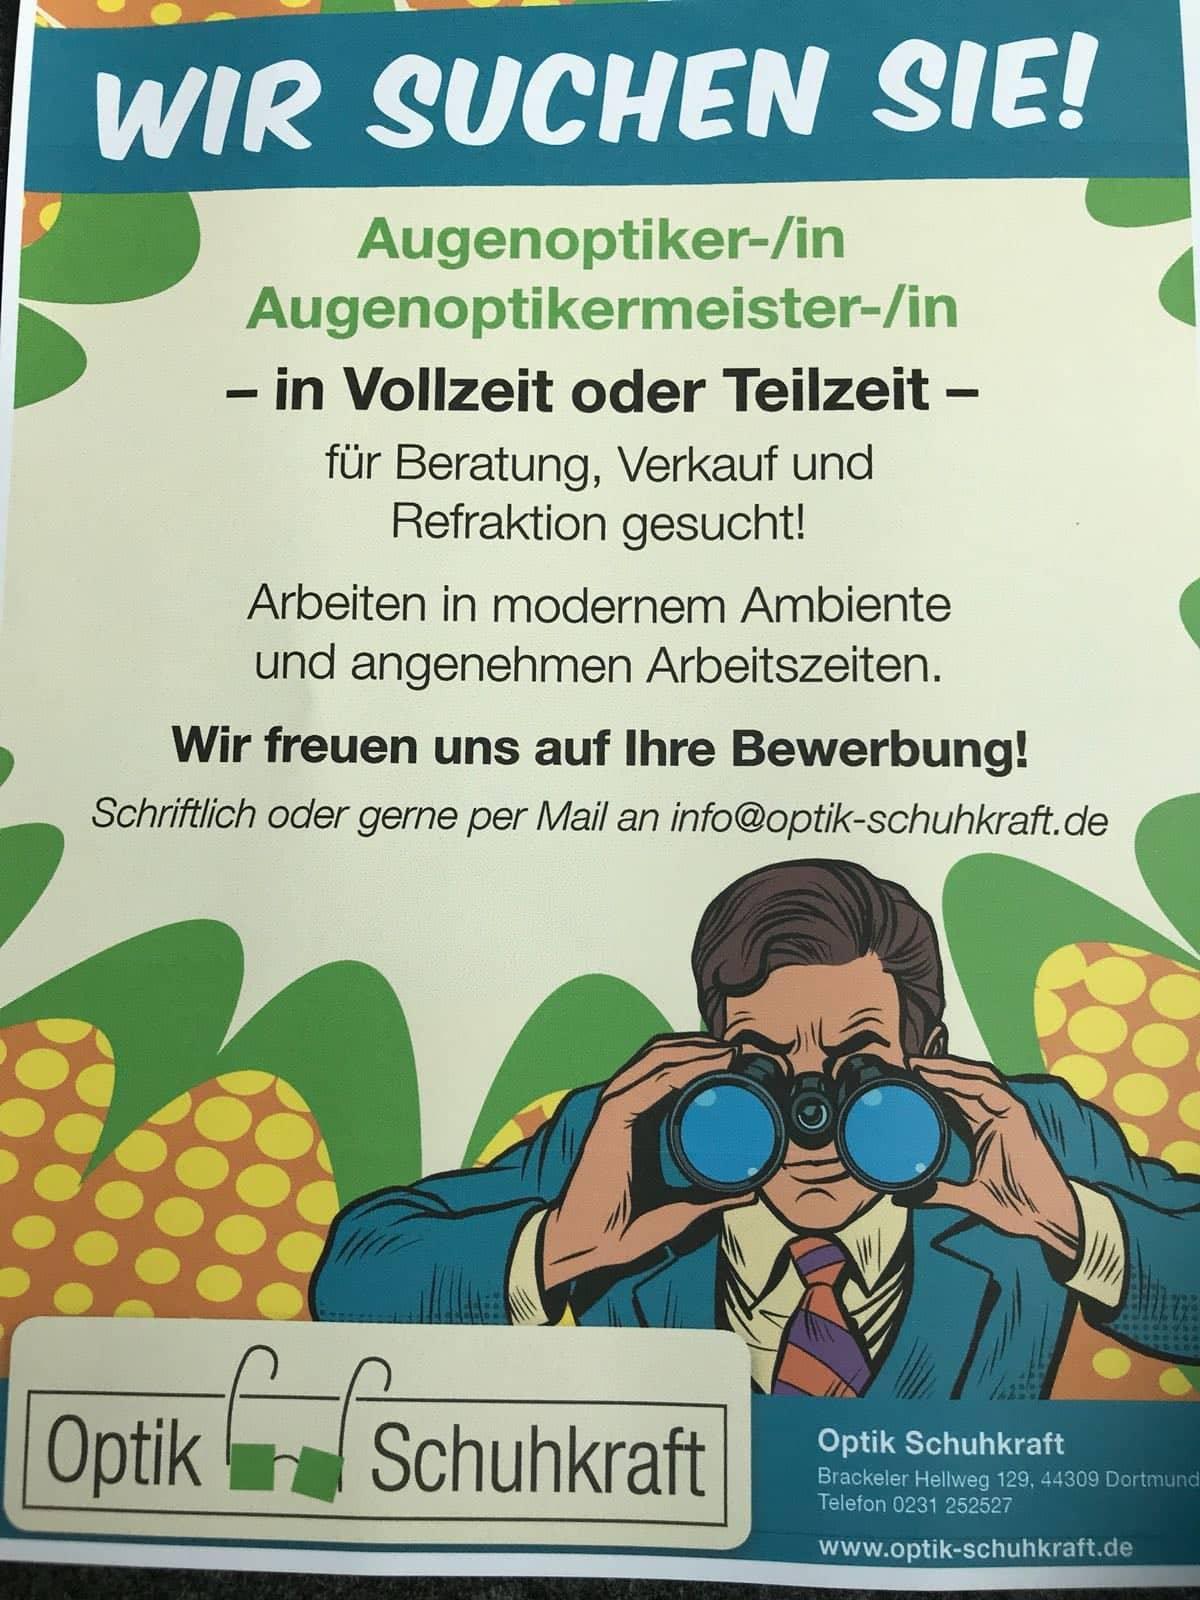 Jobangebot - Augenoptiker oder Augenoptikermeister in Vollzeit bei Optik Schuhkraft in Dortmund gesucht.